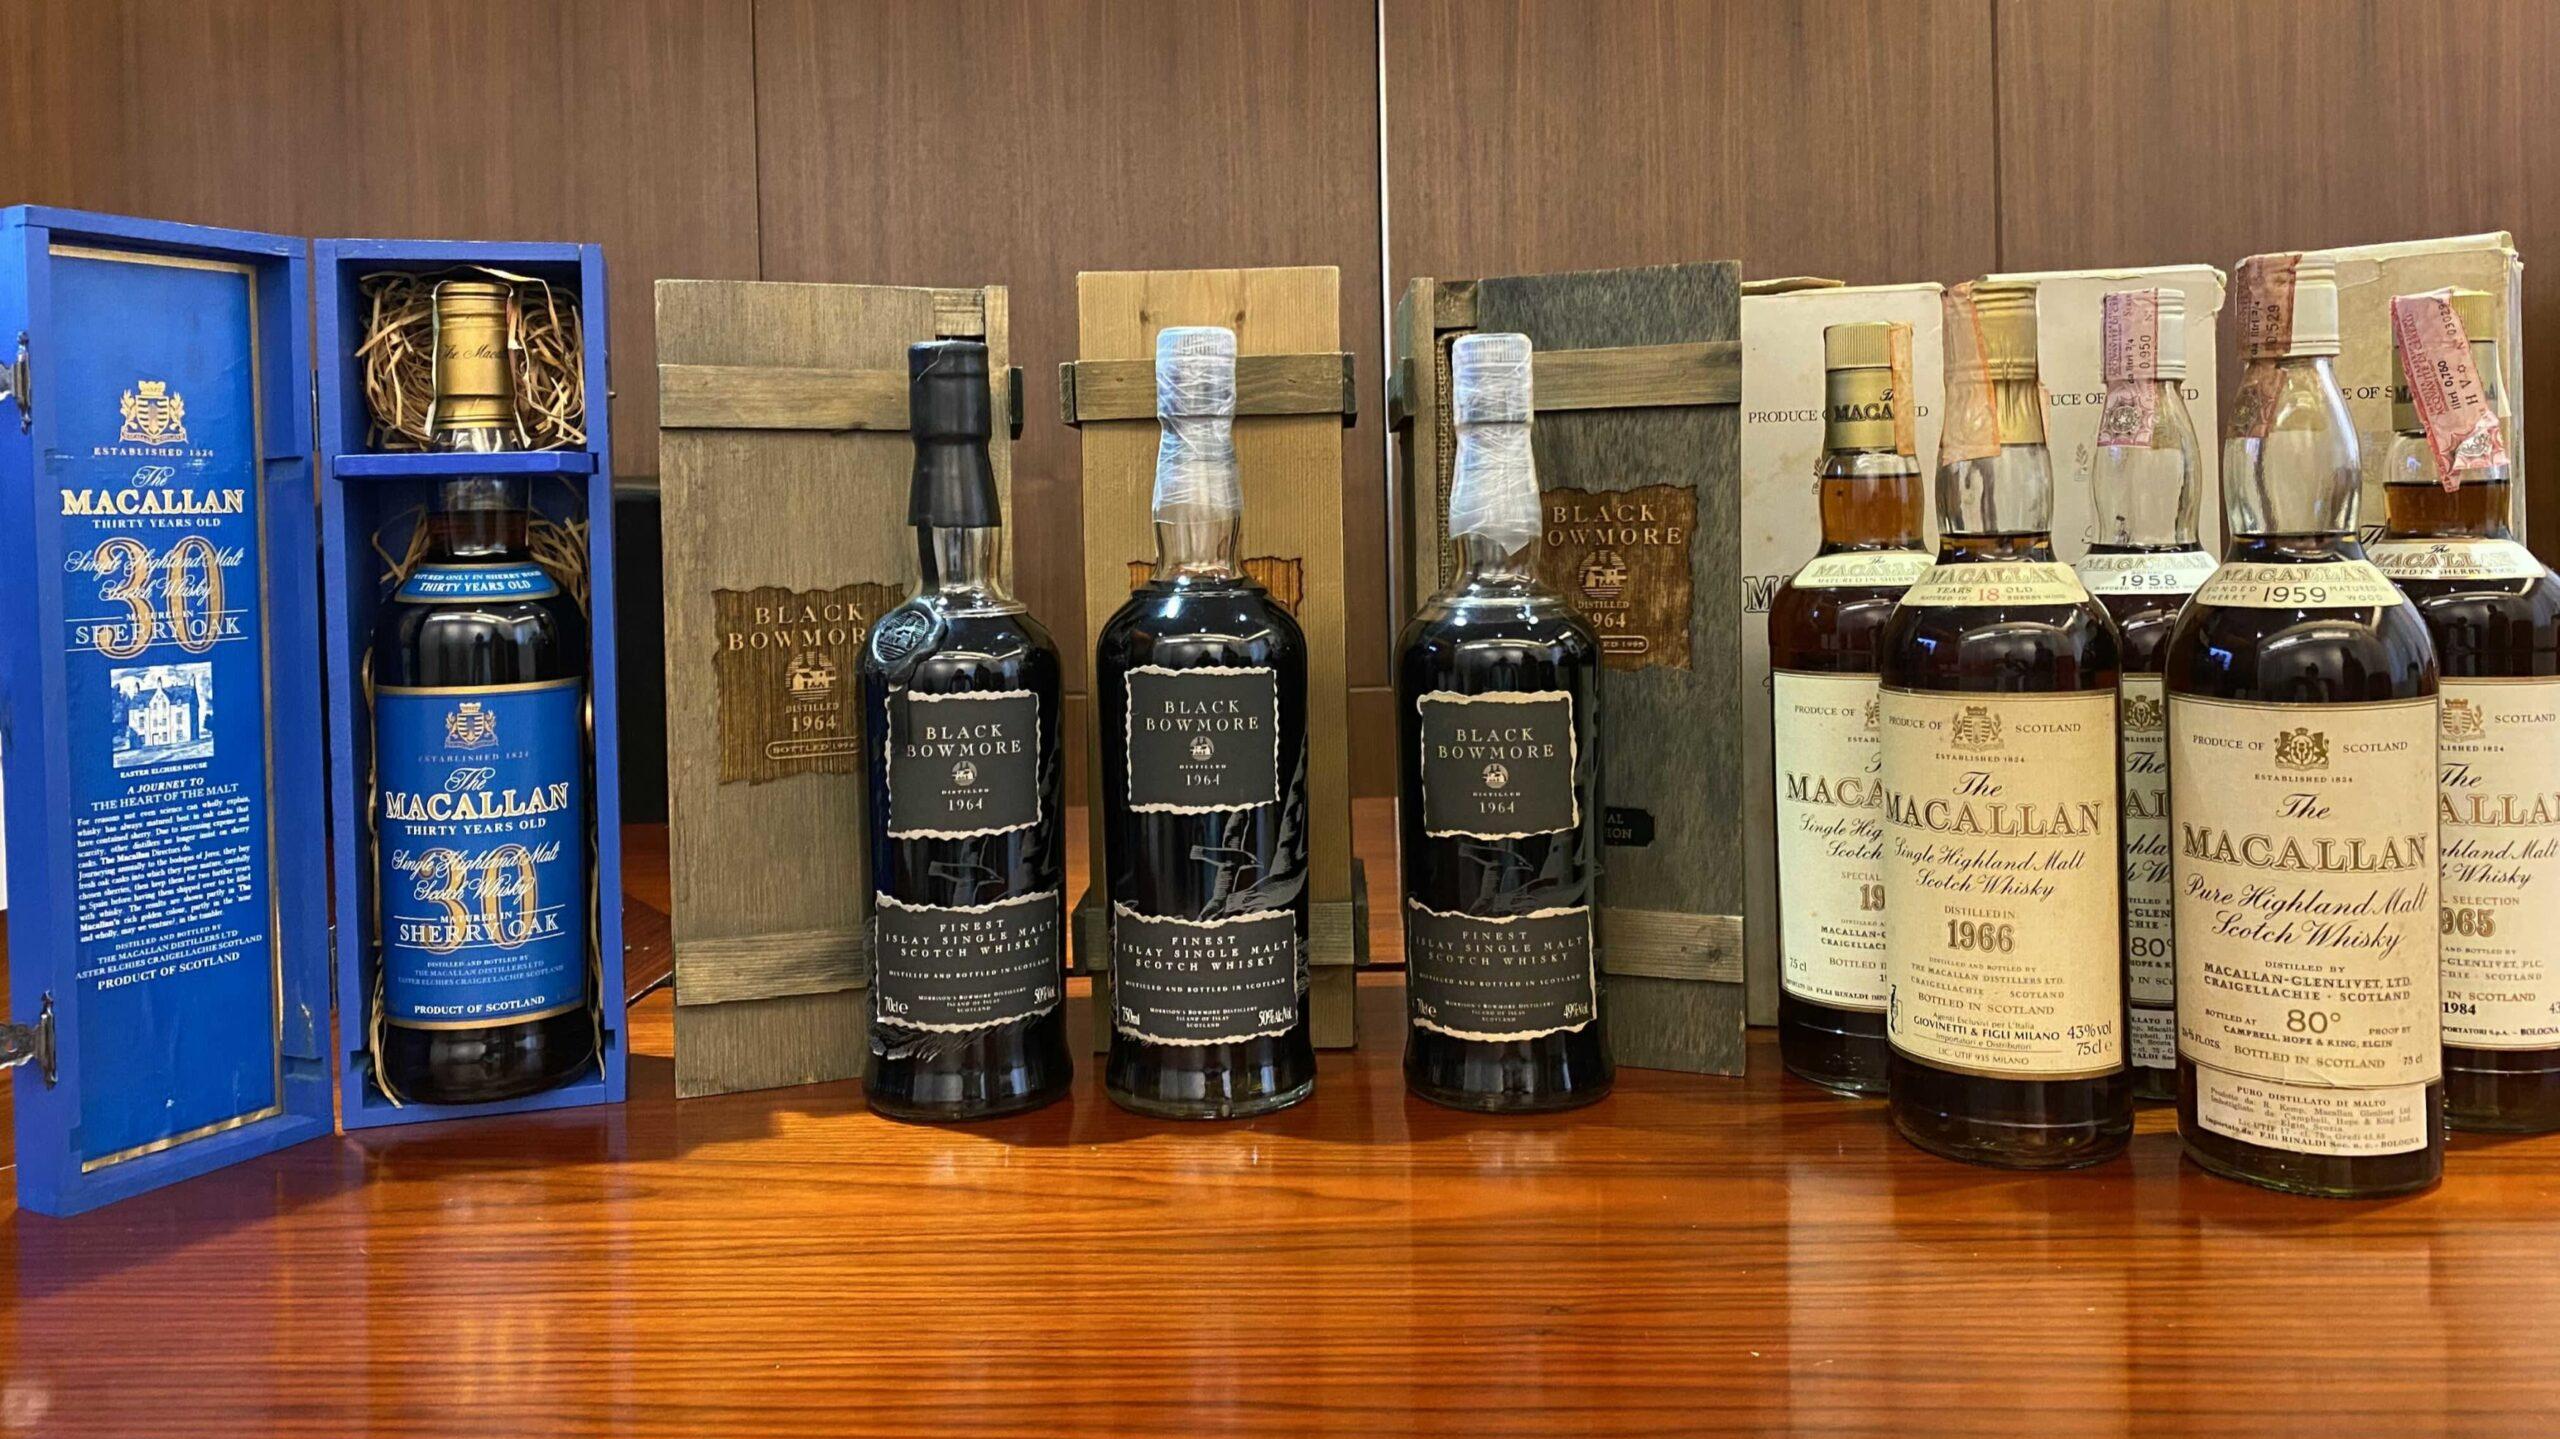 Hong Kong 'rare whiskey brokerage' targets Singapore wealth